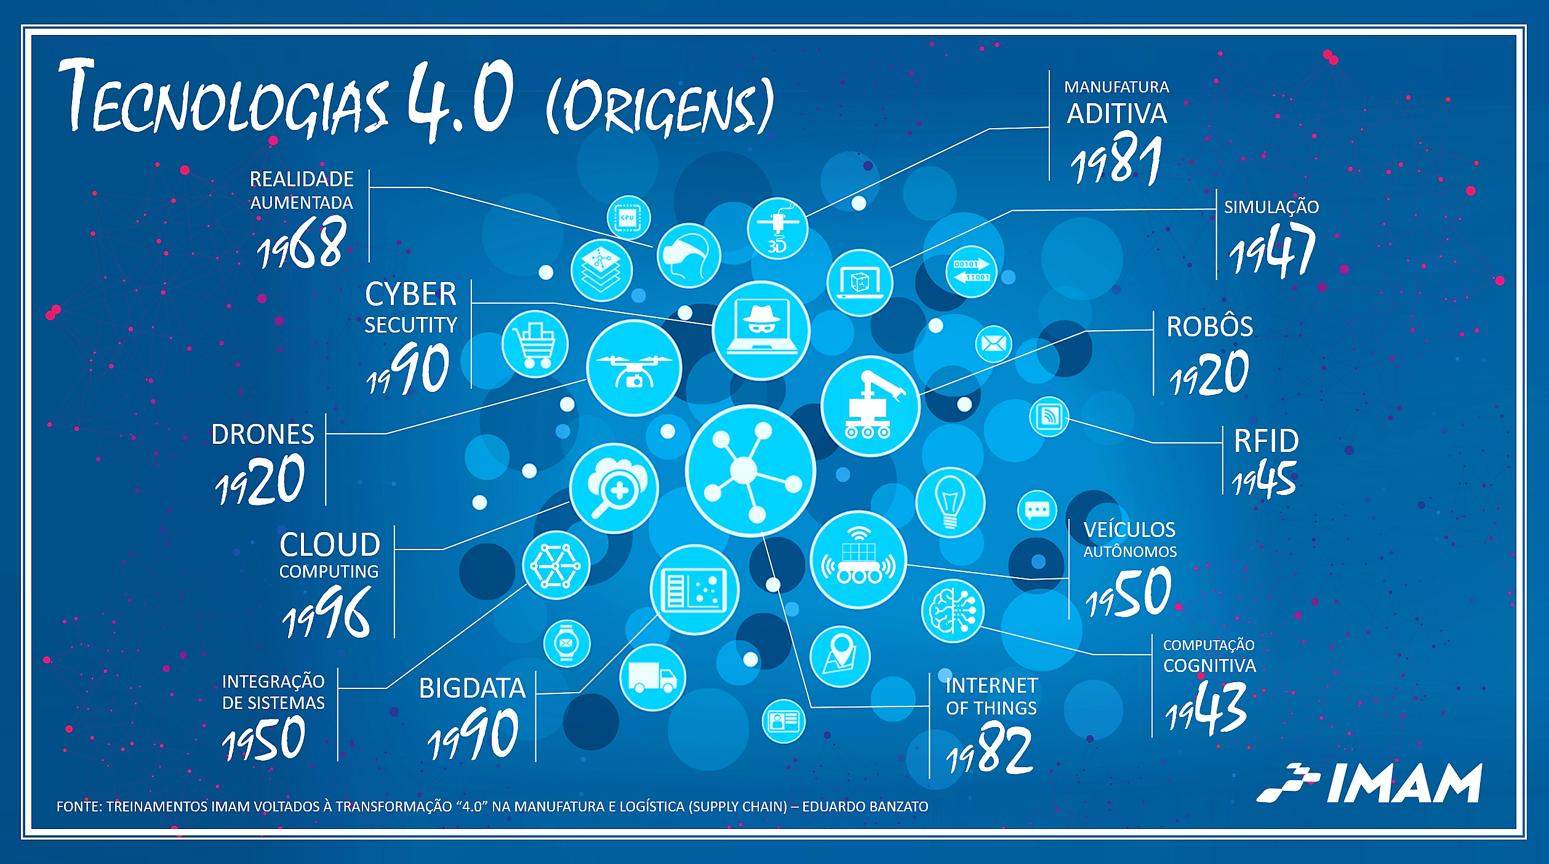 Tecnologias 4.0 e suas Origens